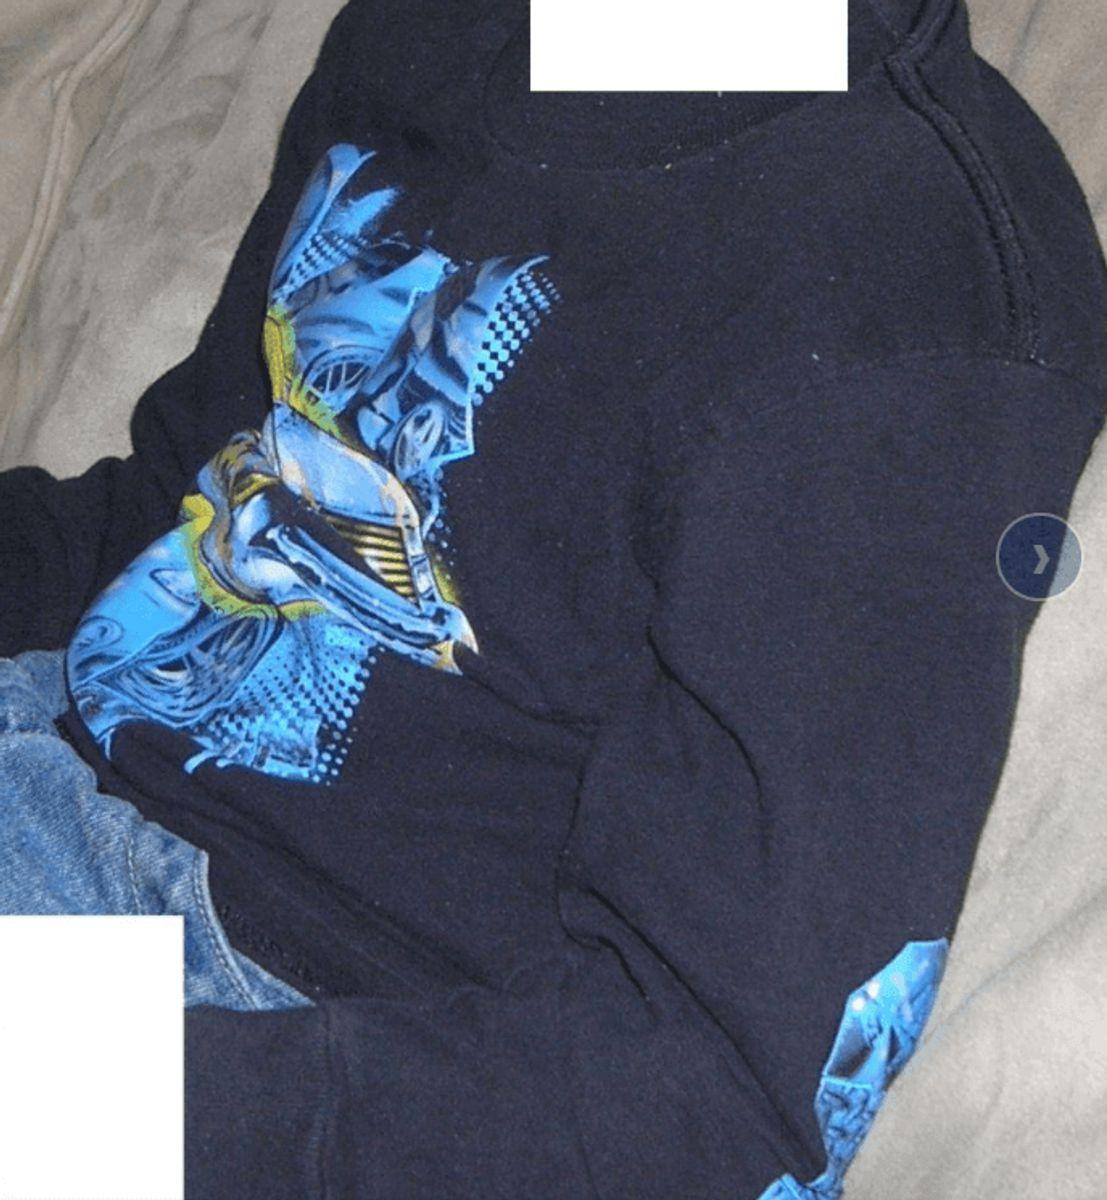 Kan du genkende denne sweatshirt. Foto: Europol.